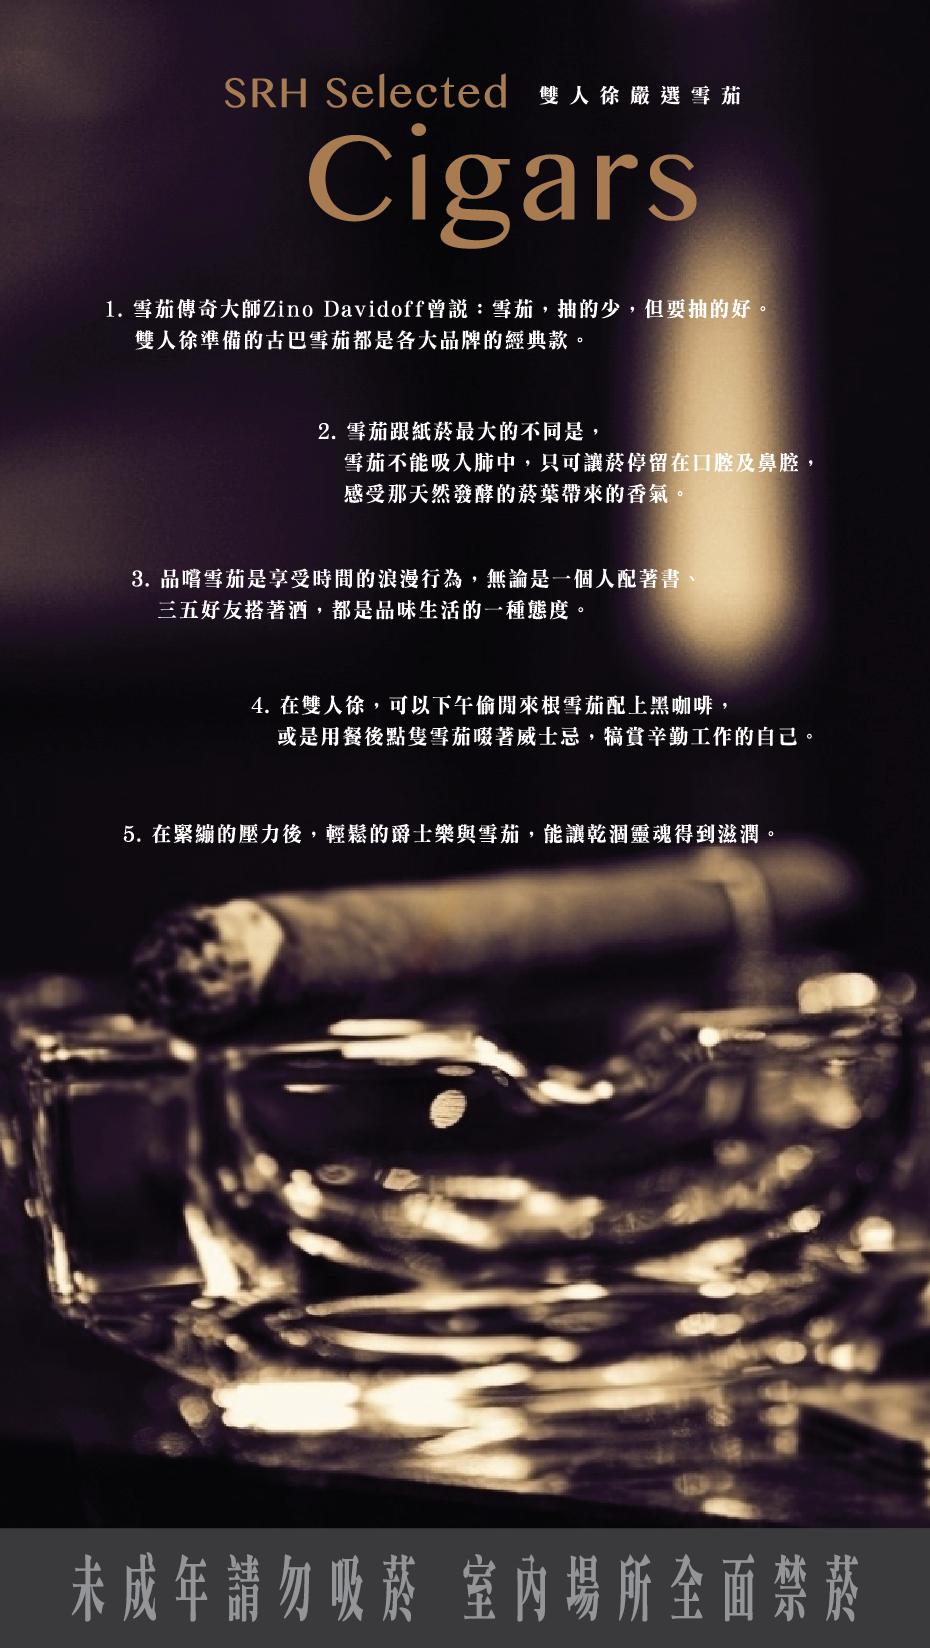 SRH new menu_酒水I_內湖_OL-16.png